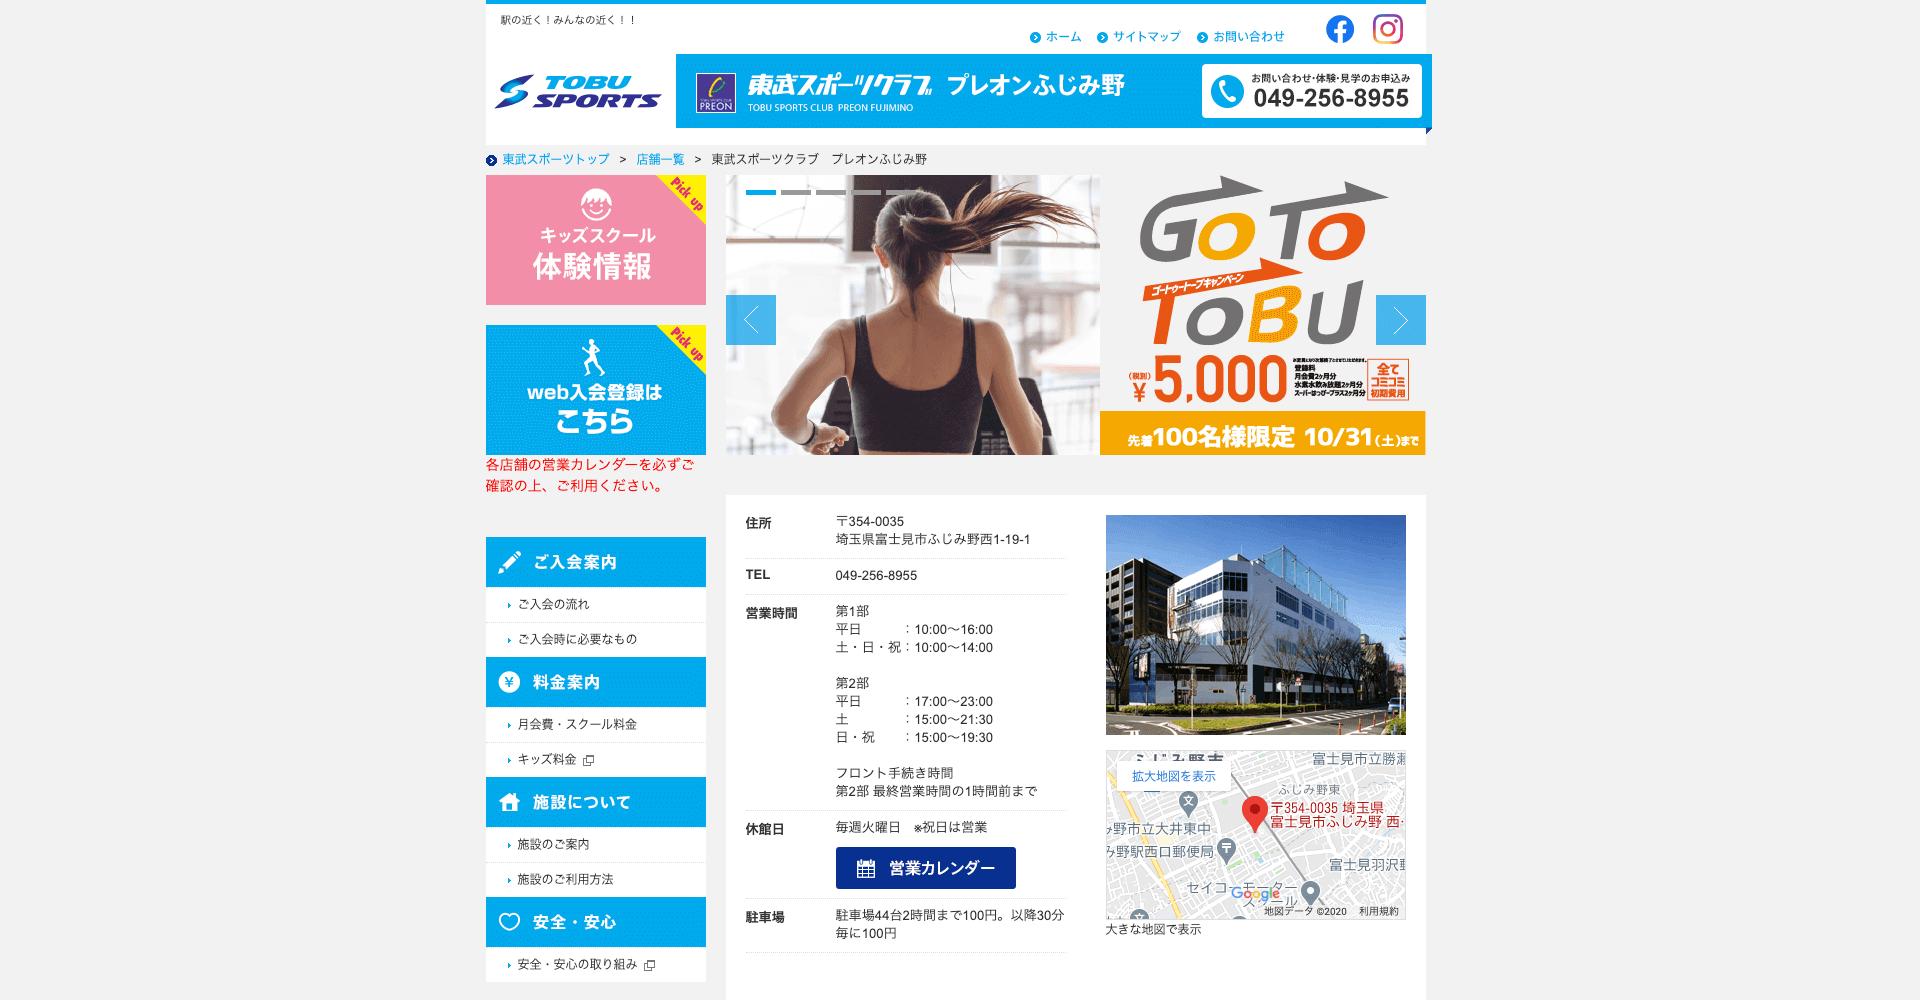 東武スポーツクラブ プレオンふじみ野